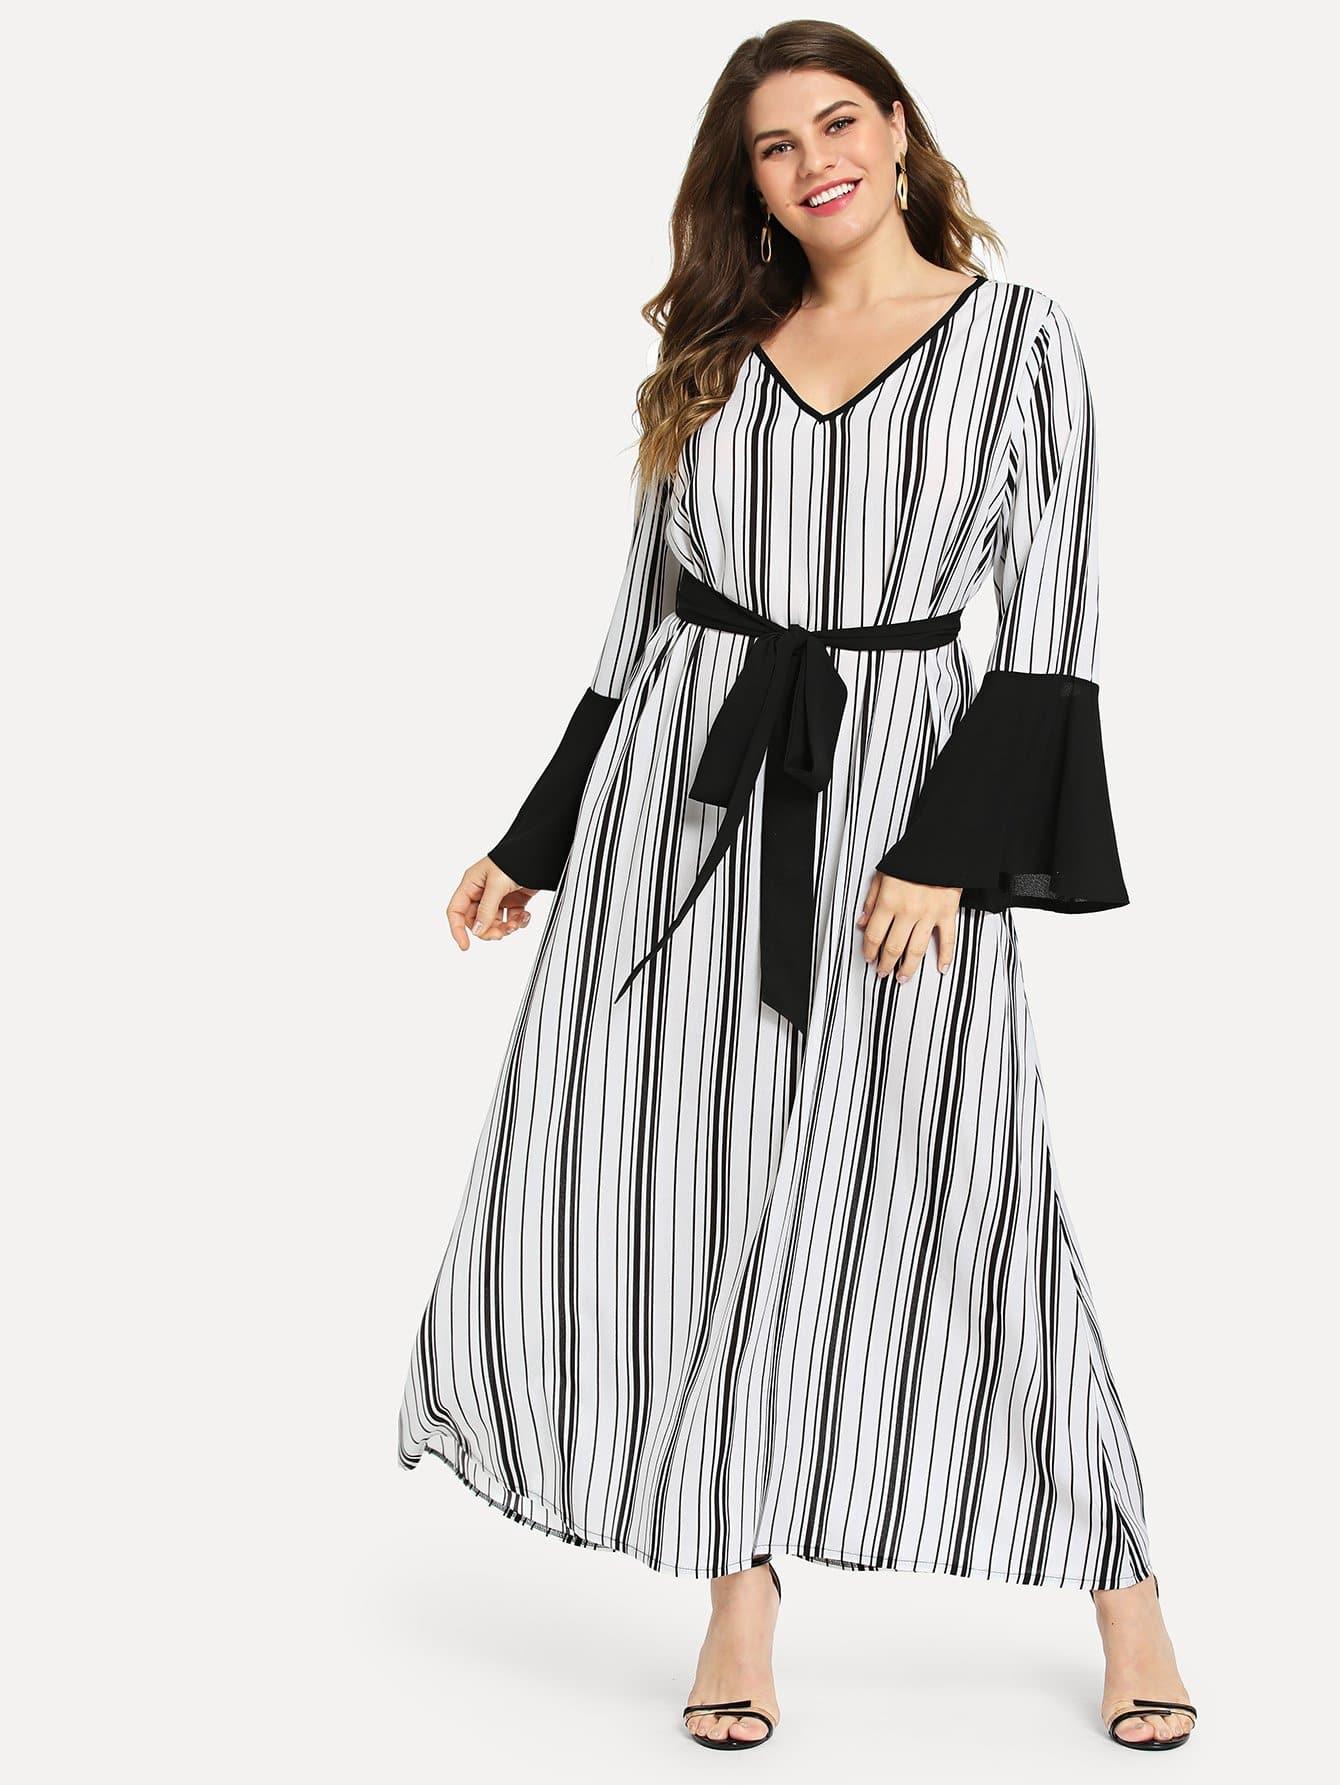 Размера плюс полосатое платье с поясом и рукав-колоколами